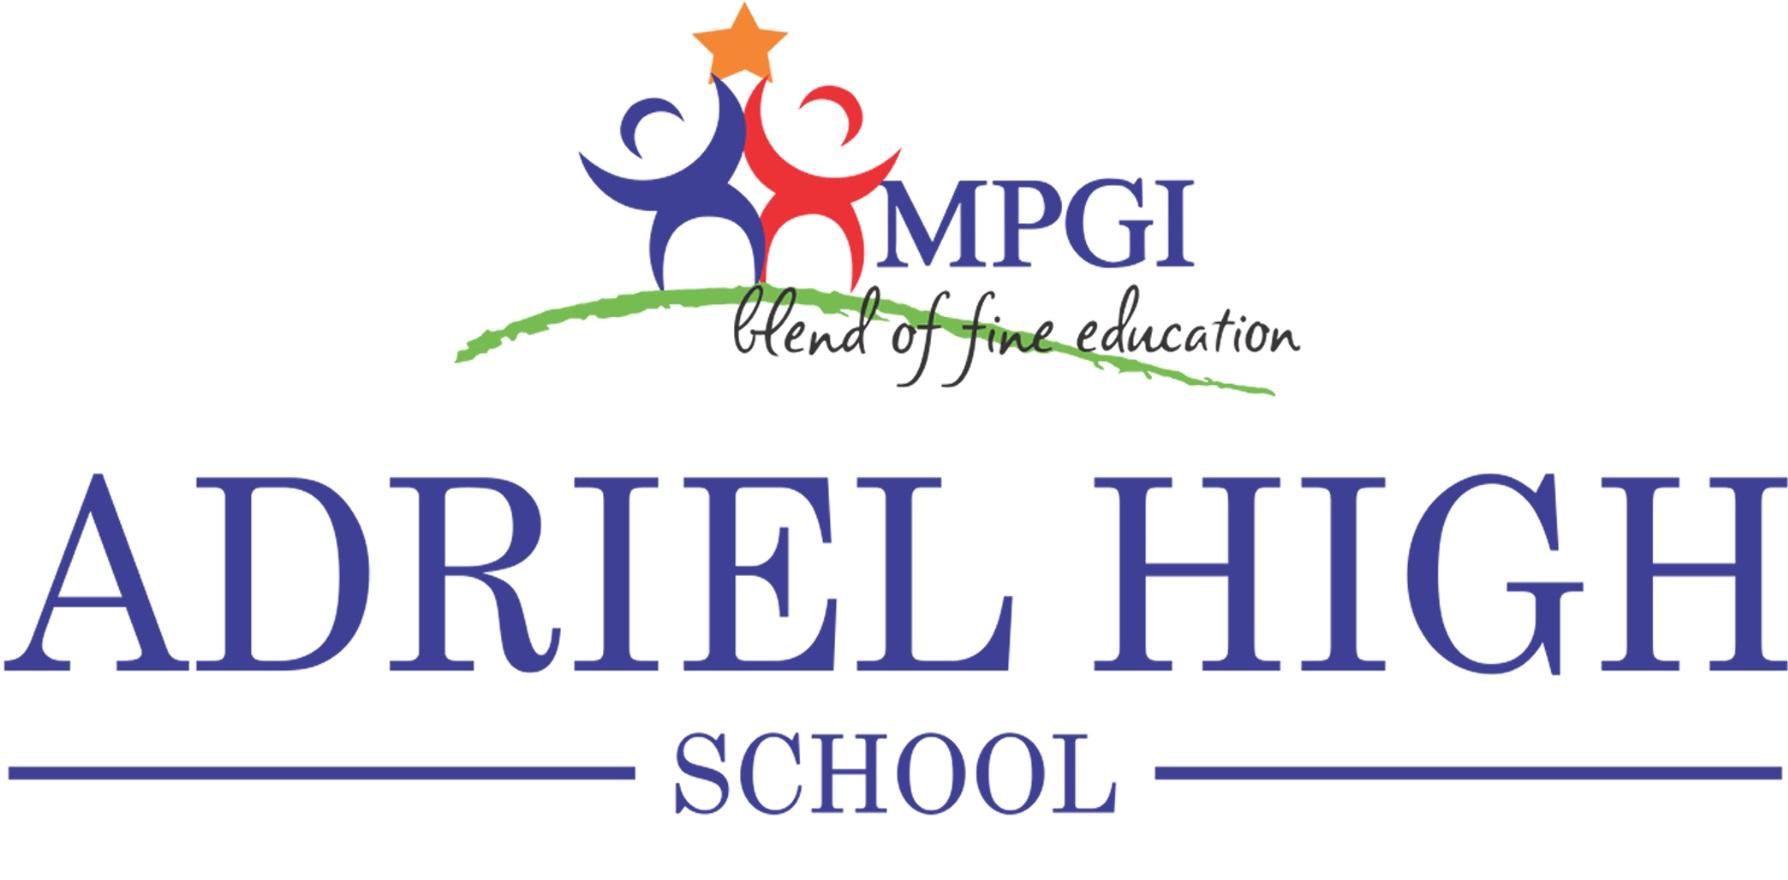 Apply To Schools   SCHOOLLING